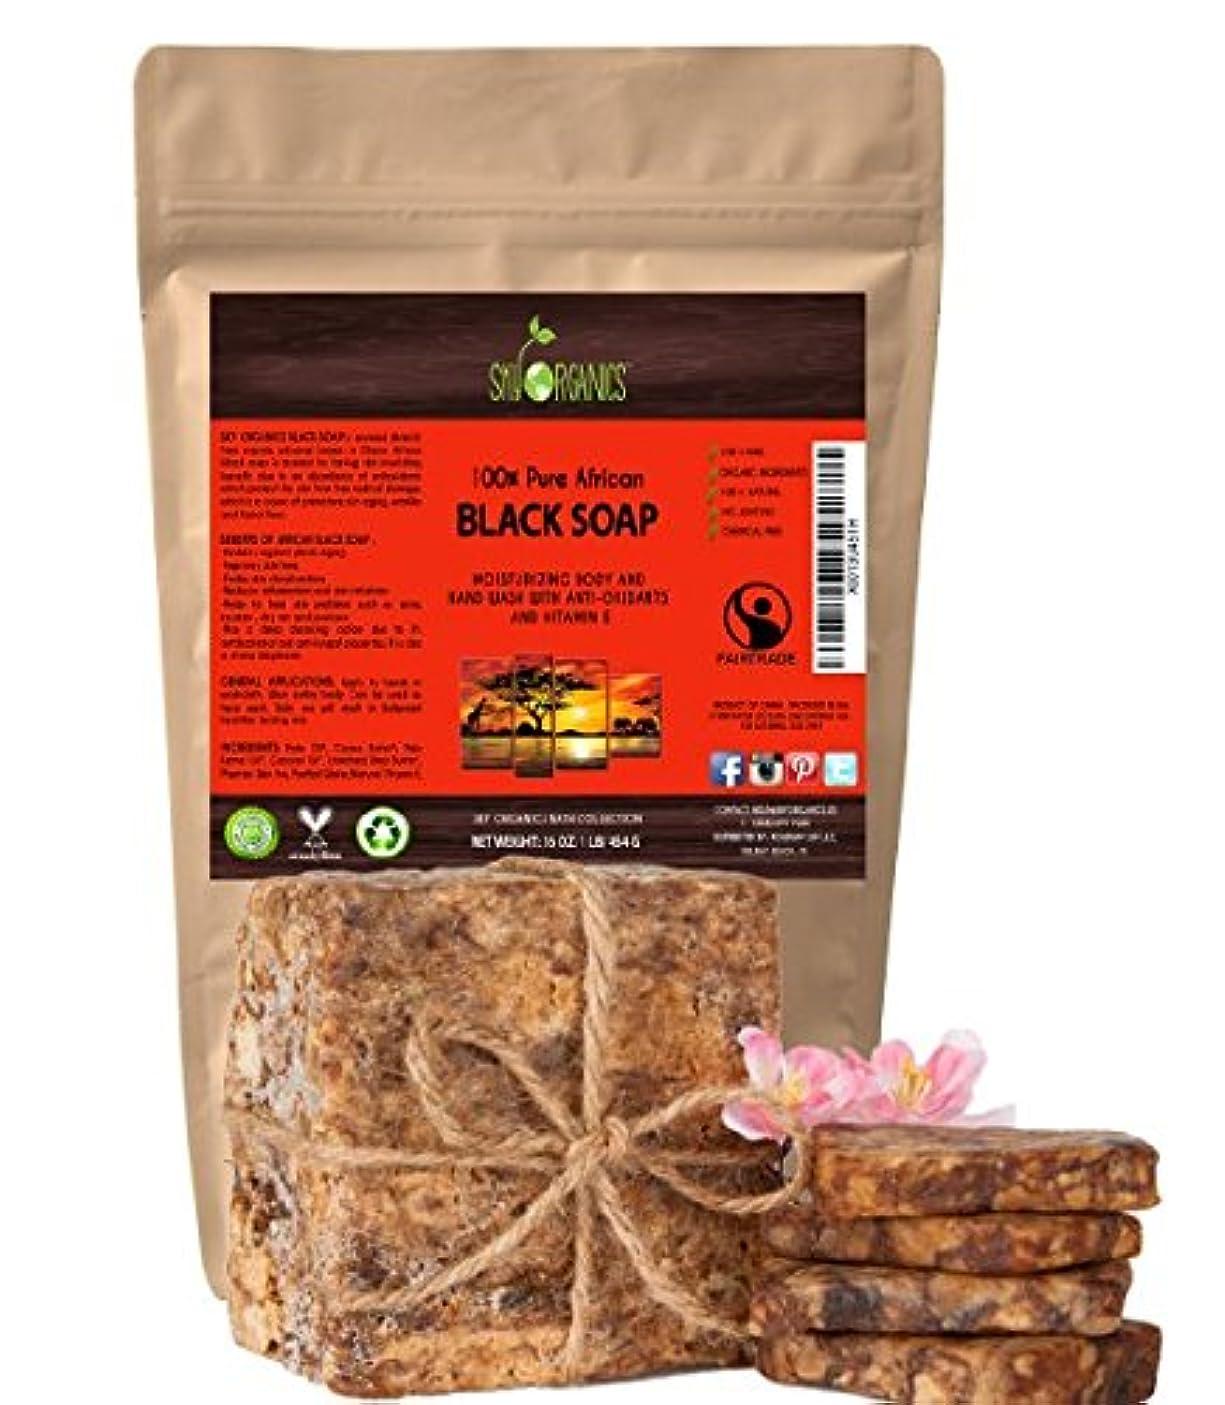 救急車スーツケース関与する切って使う オーガニック アフリカン ブラックソープ (約4563gブロック)Organic African Black Soap (16oz block) - Raw Organic Soap Ideal for Acne...